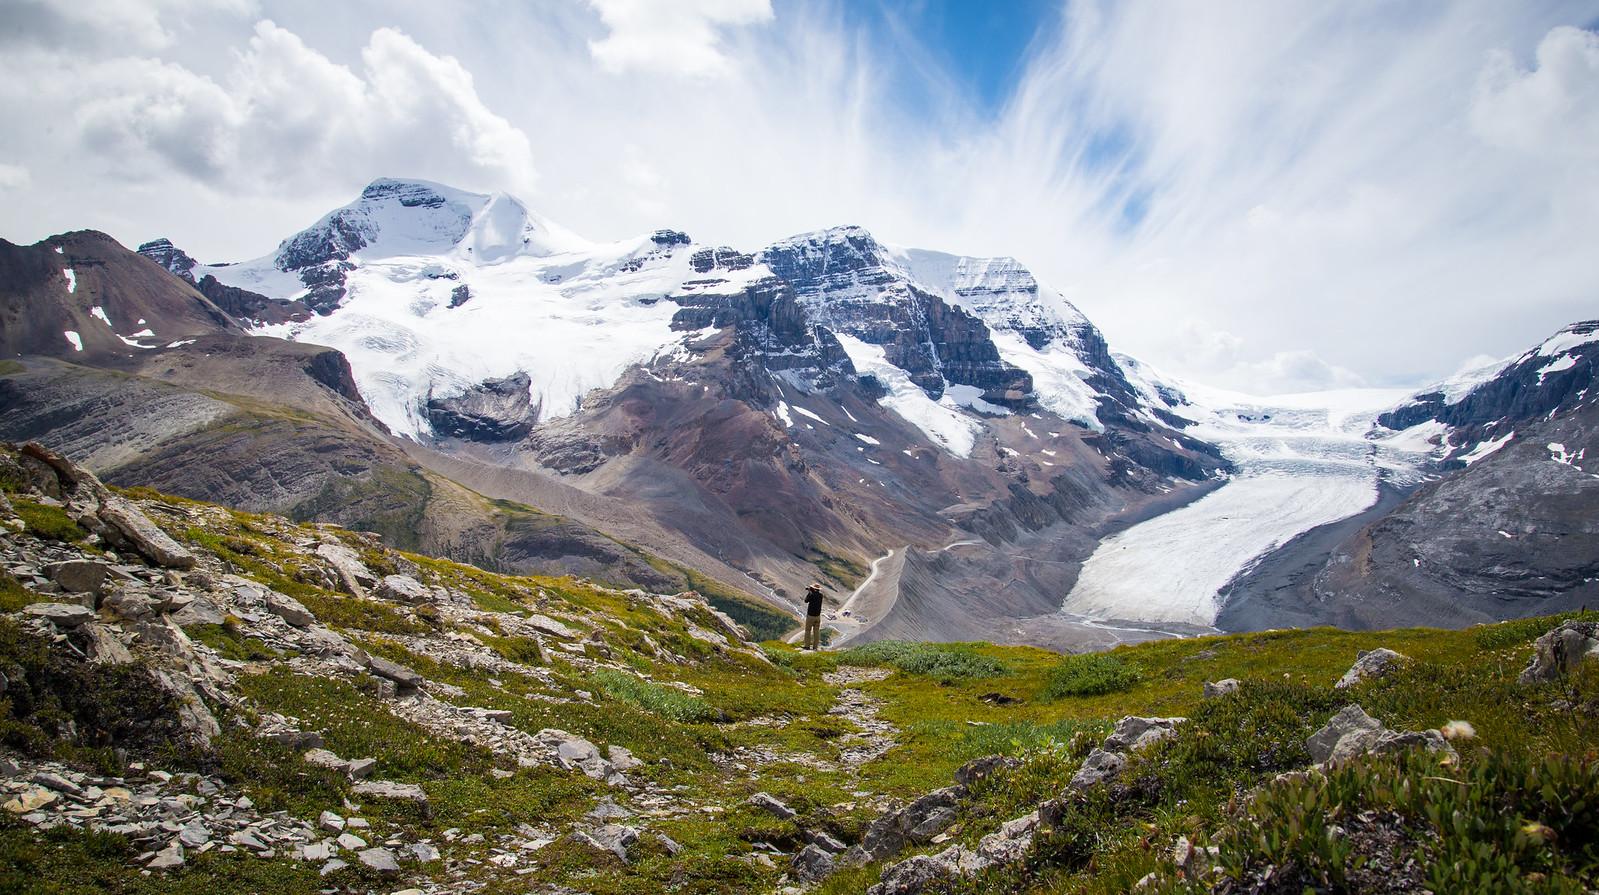 wilcox pass day hike jasper